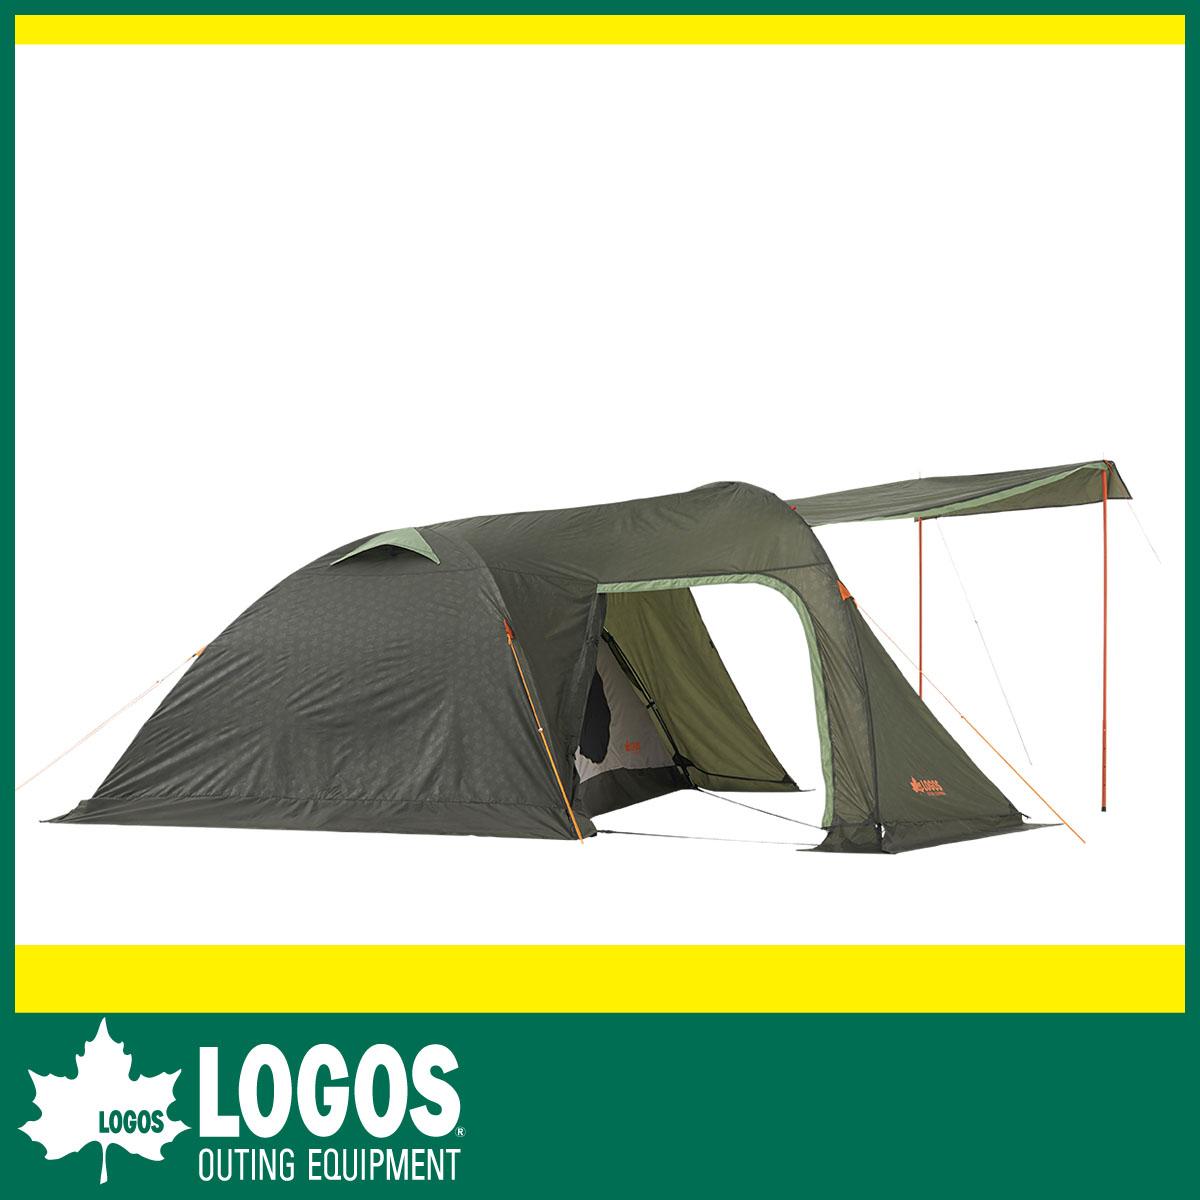 【LOGOS ロゴス】大きな開口部を備えた2ルームテント ・neos リビングプラス・PLR XL(テント)